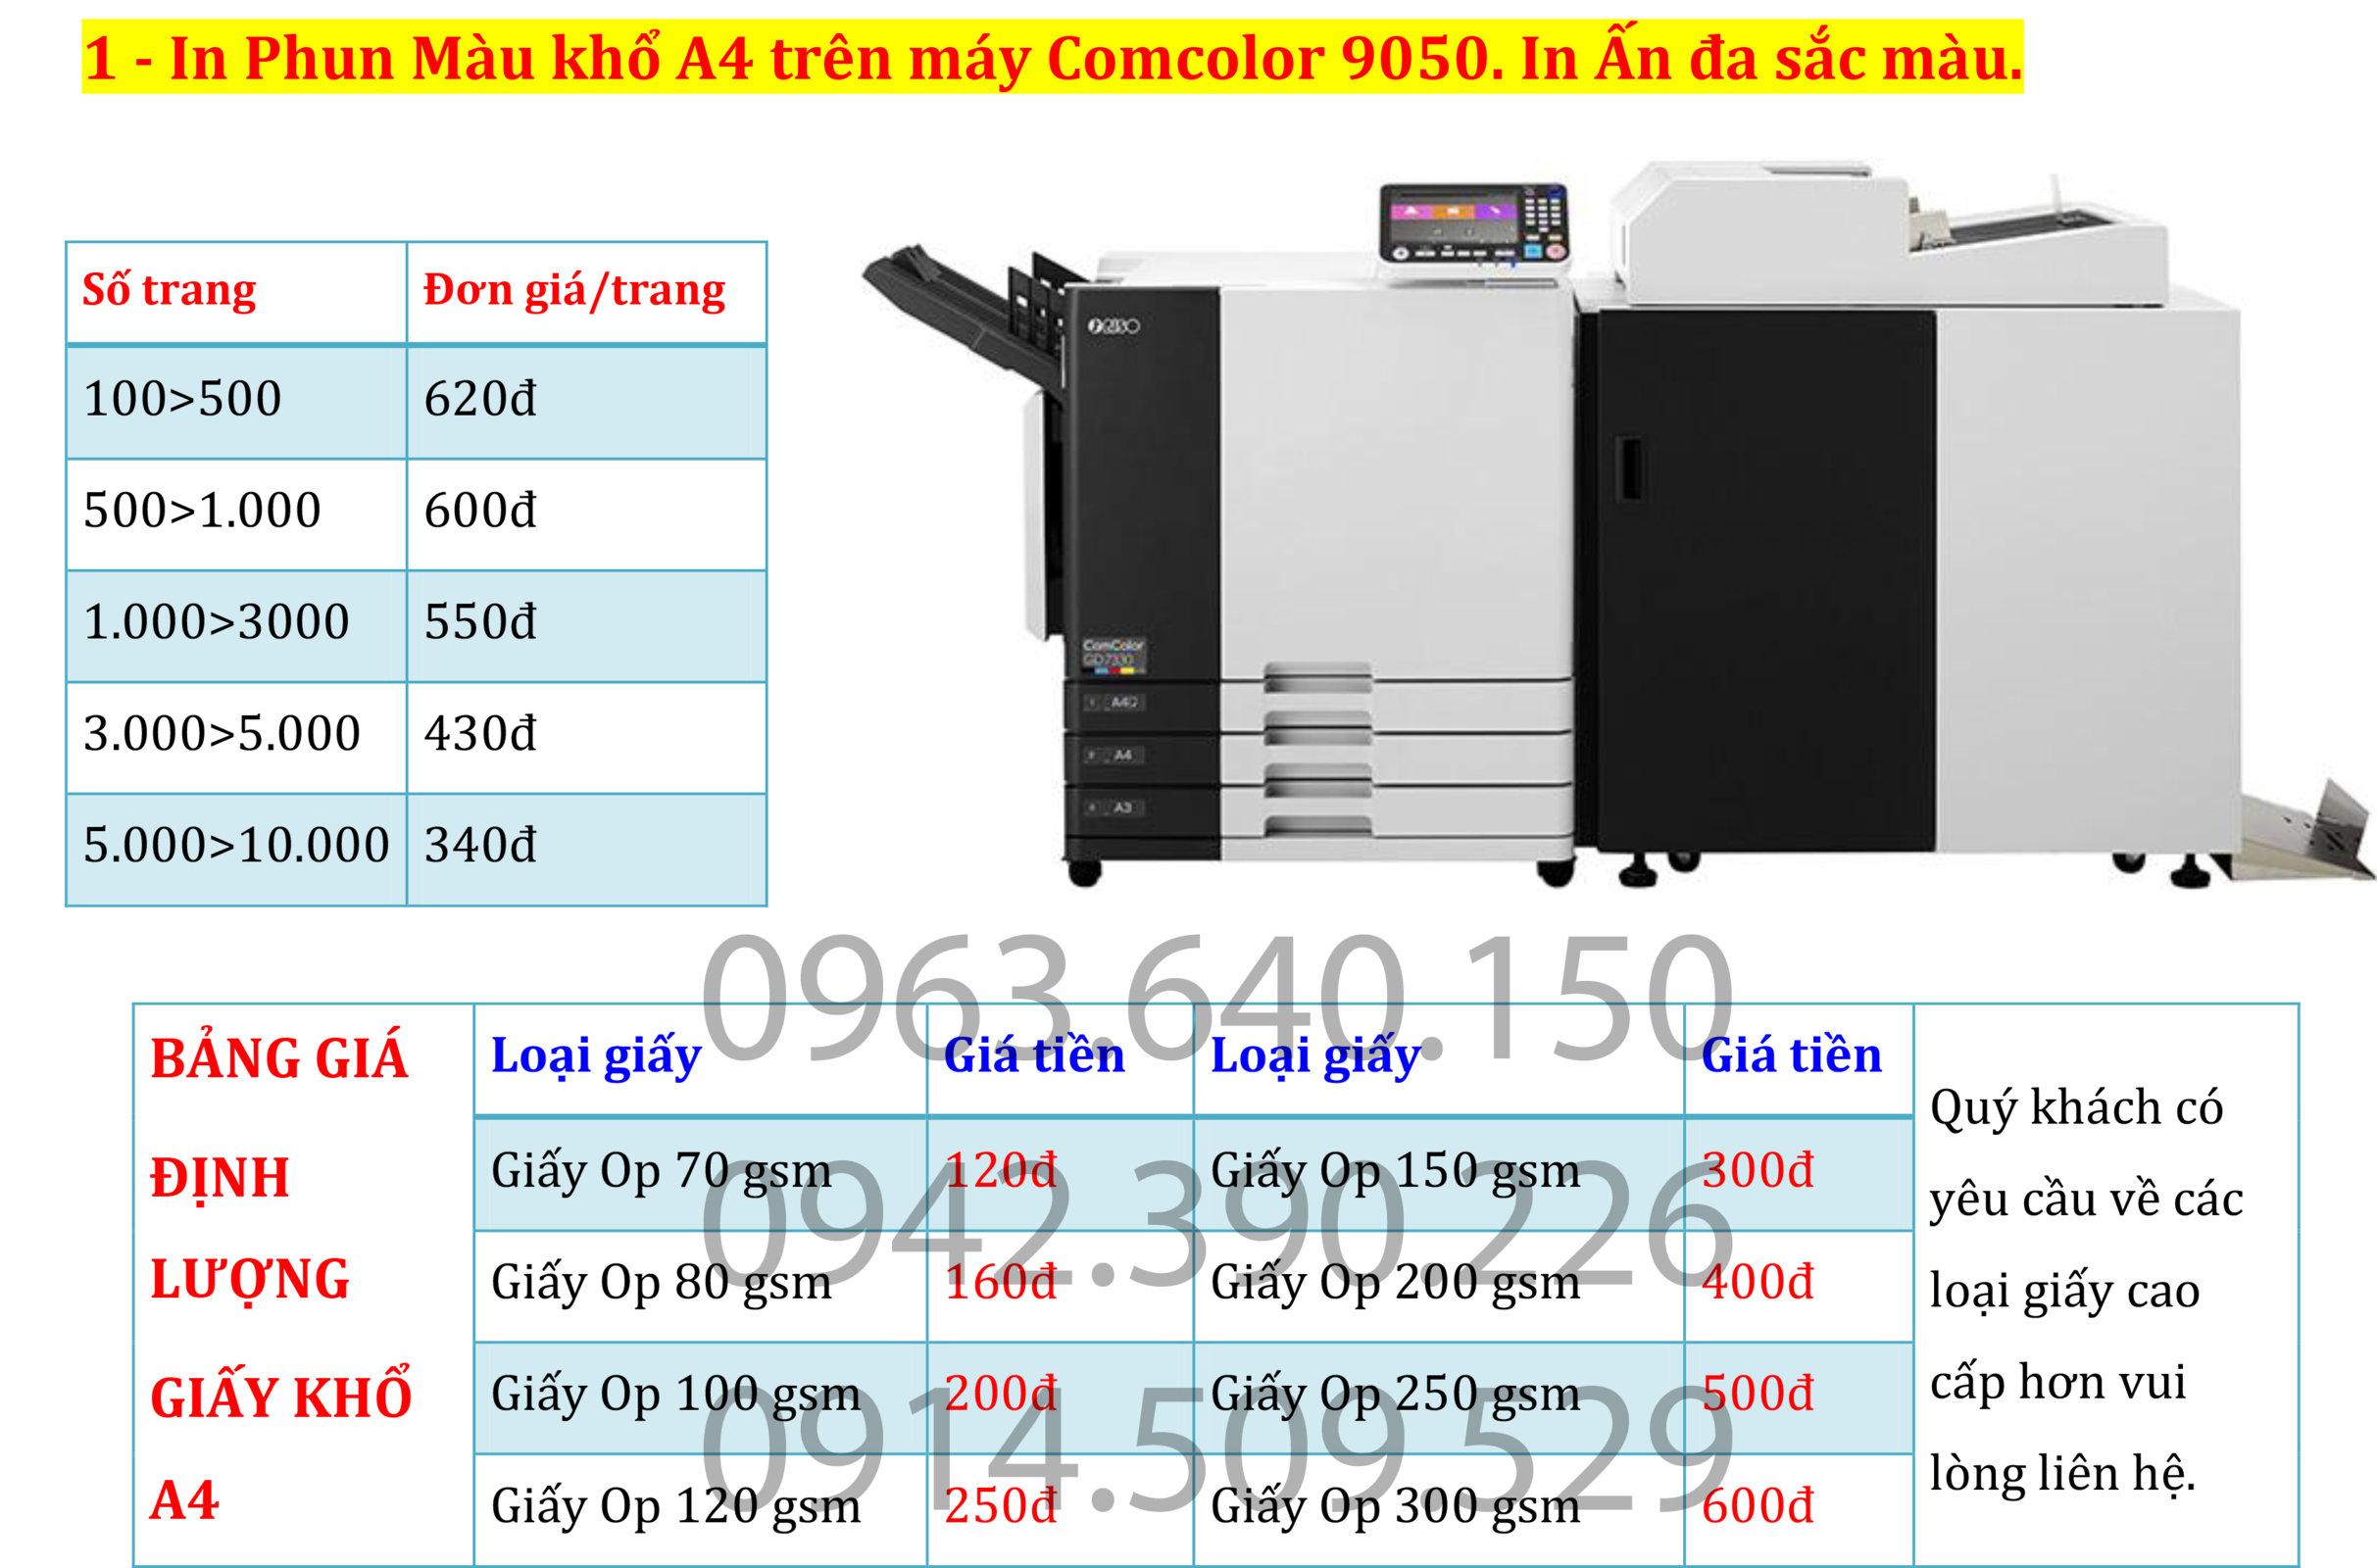 2. In ấn tài liệu màu. photo tài liệu màu giá rẻ tại Hà Nội.